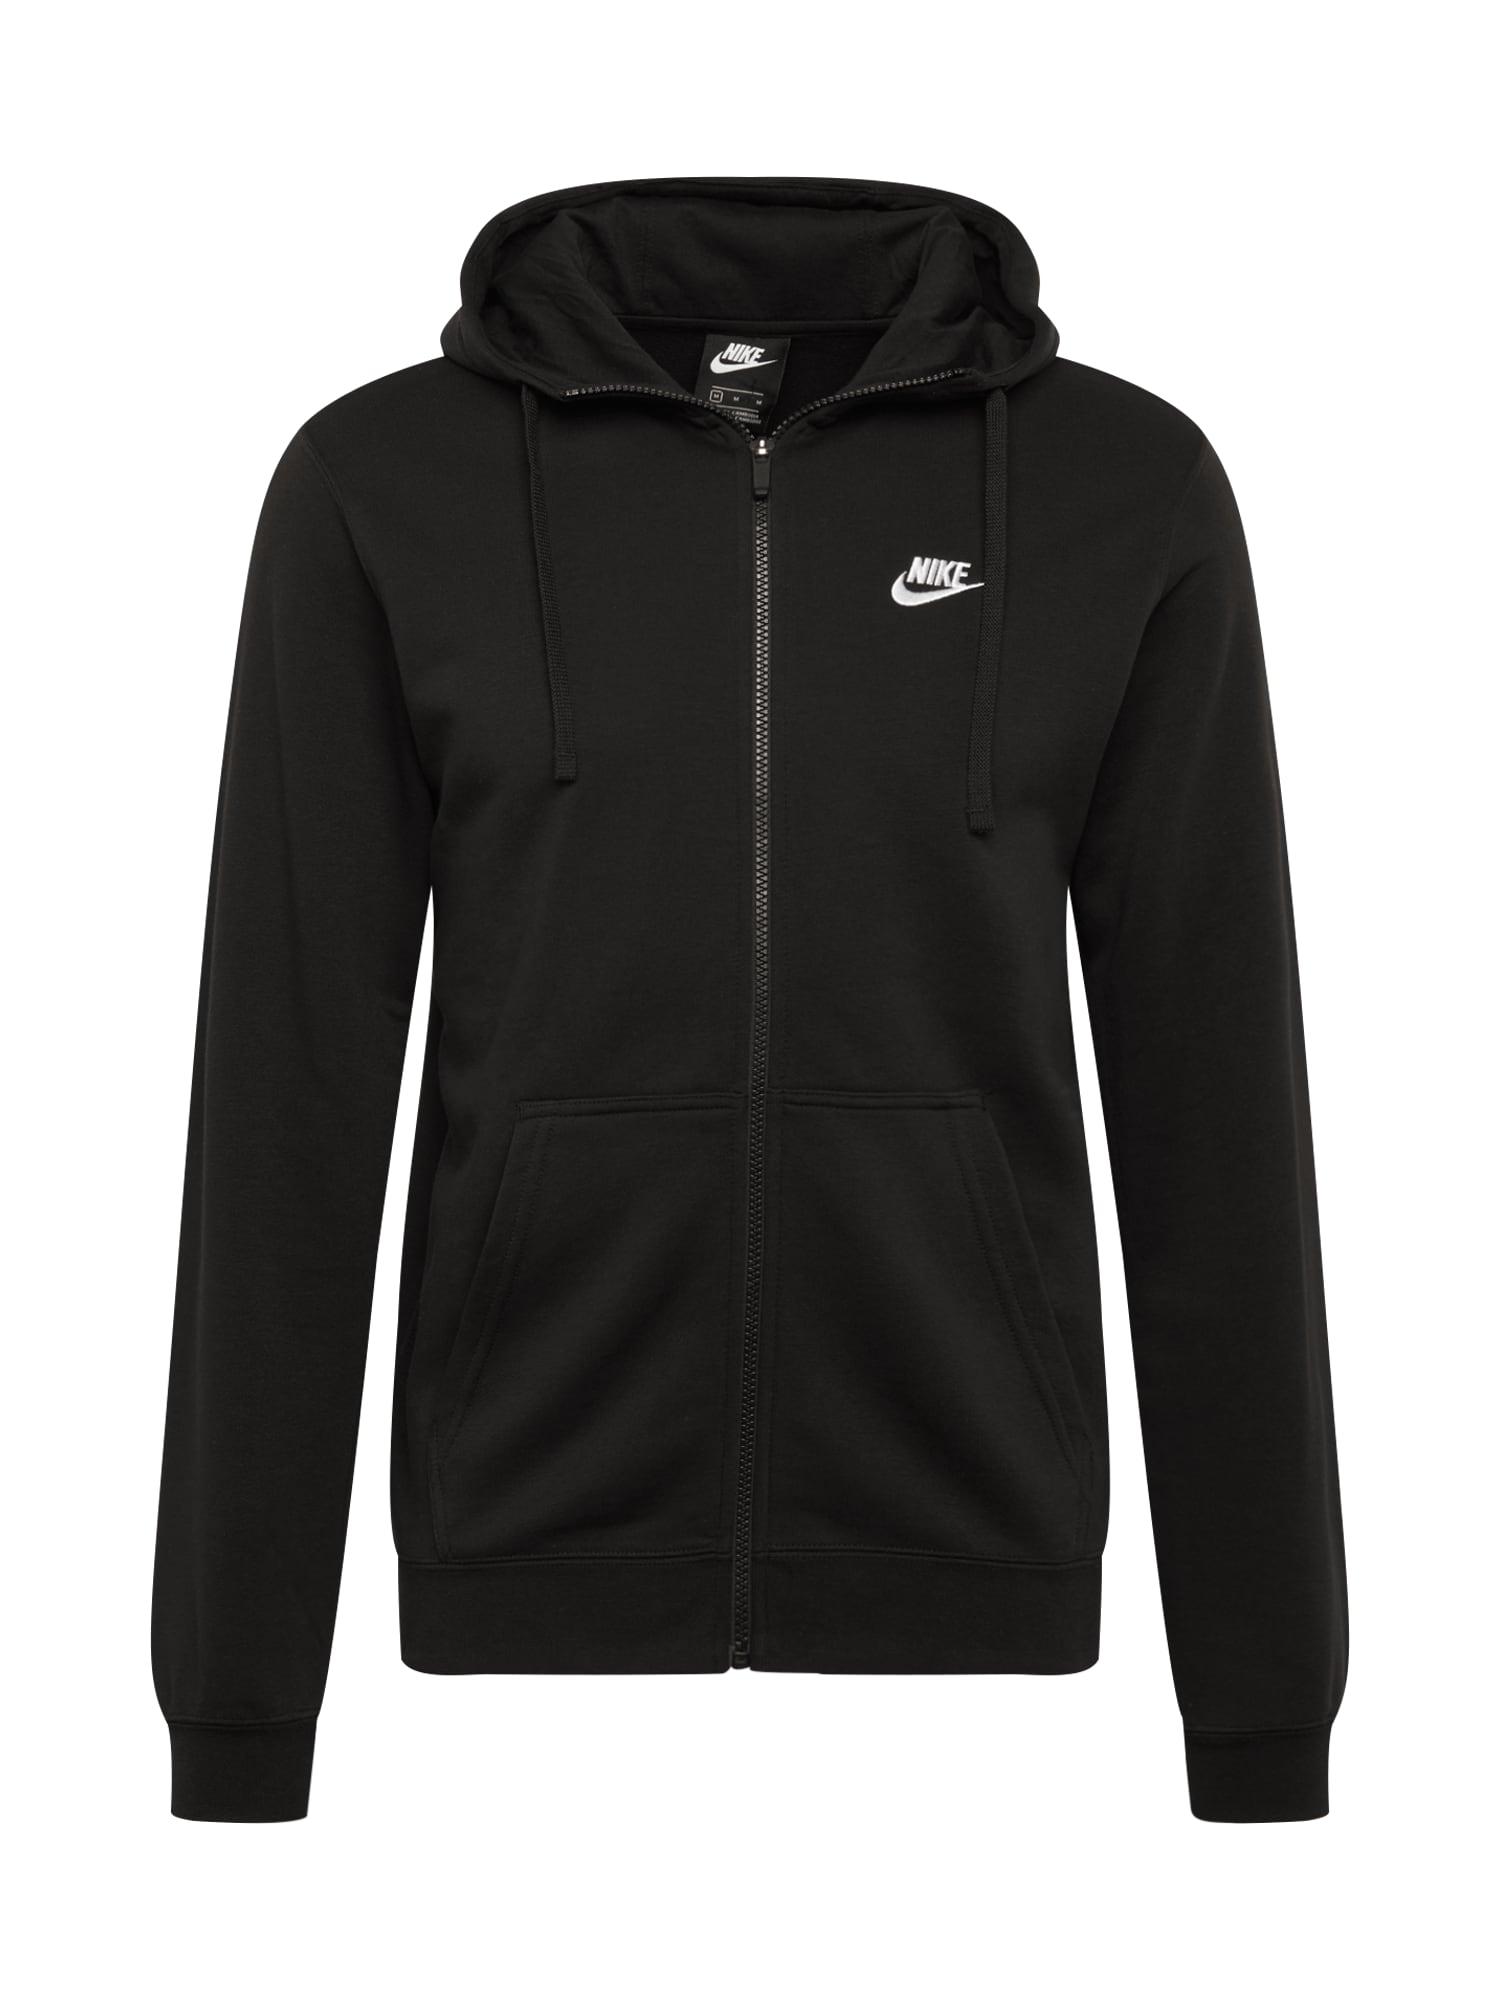 Mikina s kapucí AV15 černá Nike Sportswear